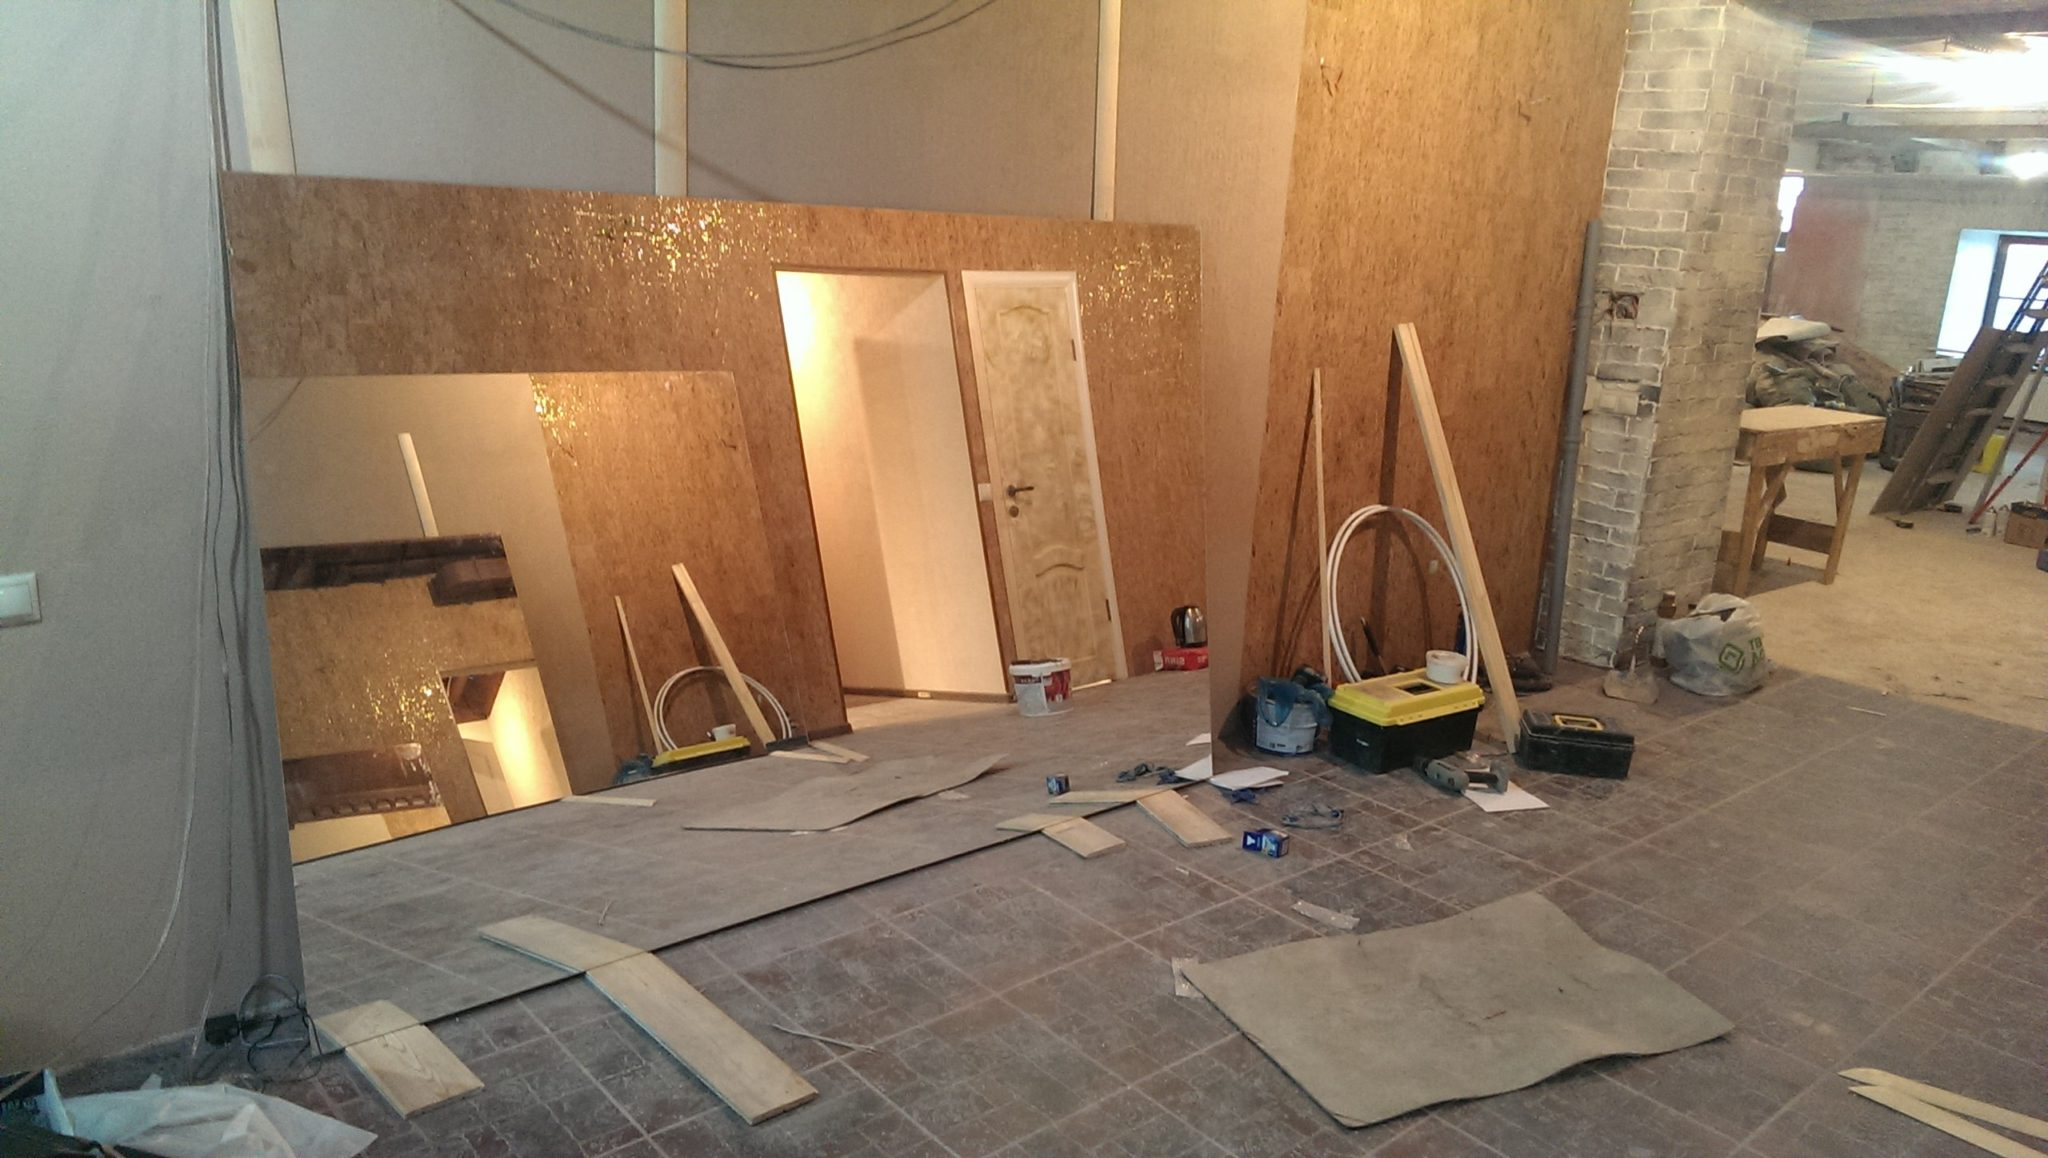 Людям очень часто приходится сталкиваться с вопросом ремонта квартиры